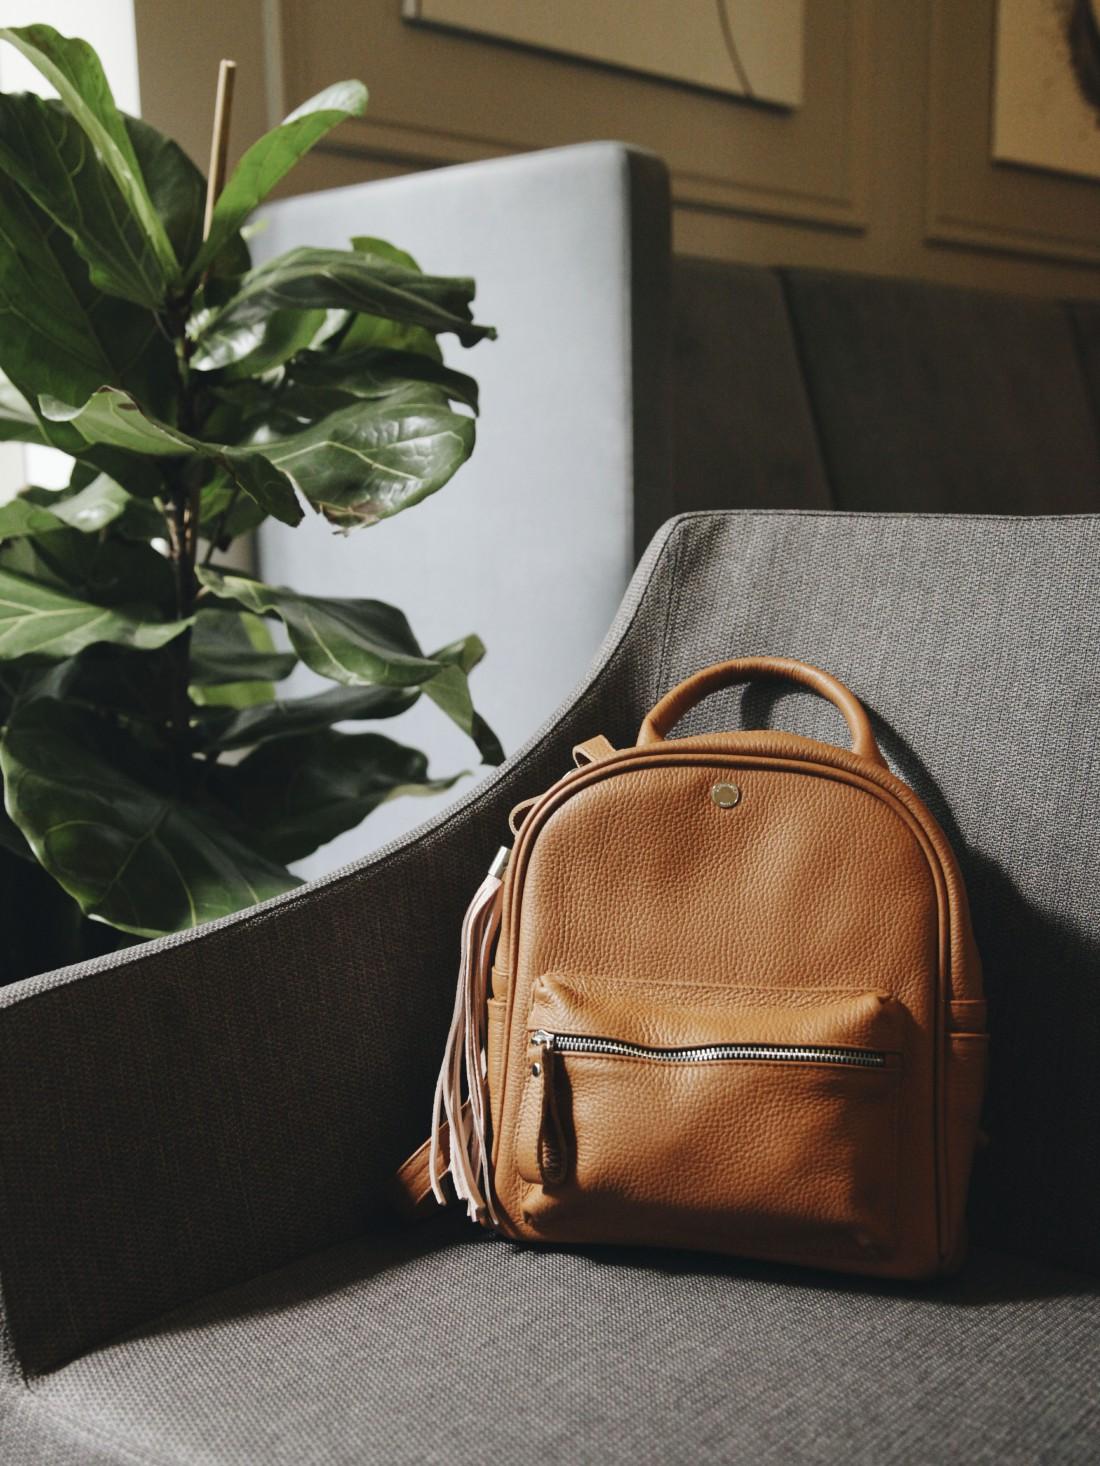 Рюкзак от Ozerianko Bags